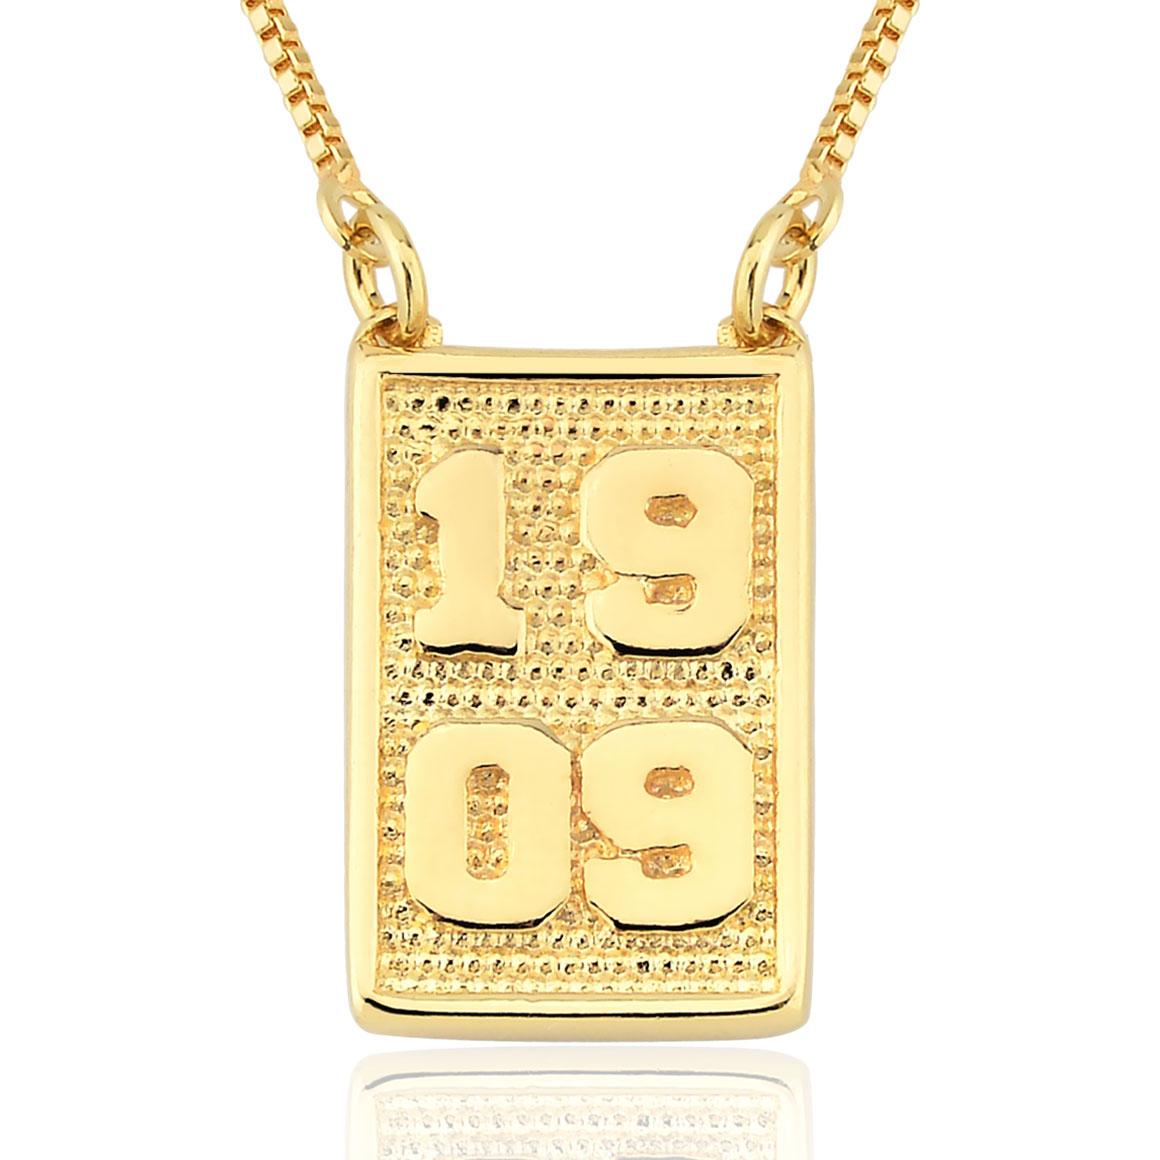 Escapulário 1909 Folheado Ouro 18k INFANTIL